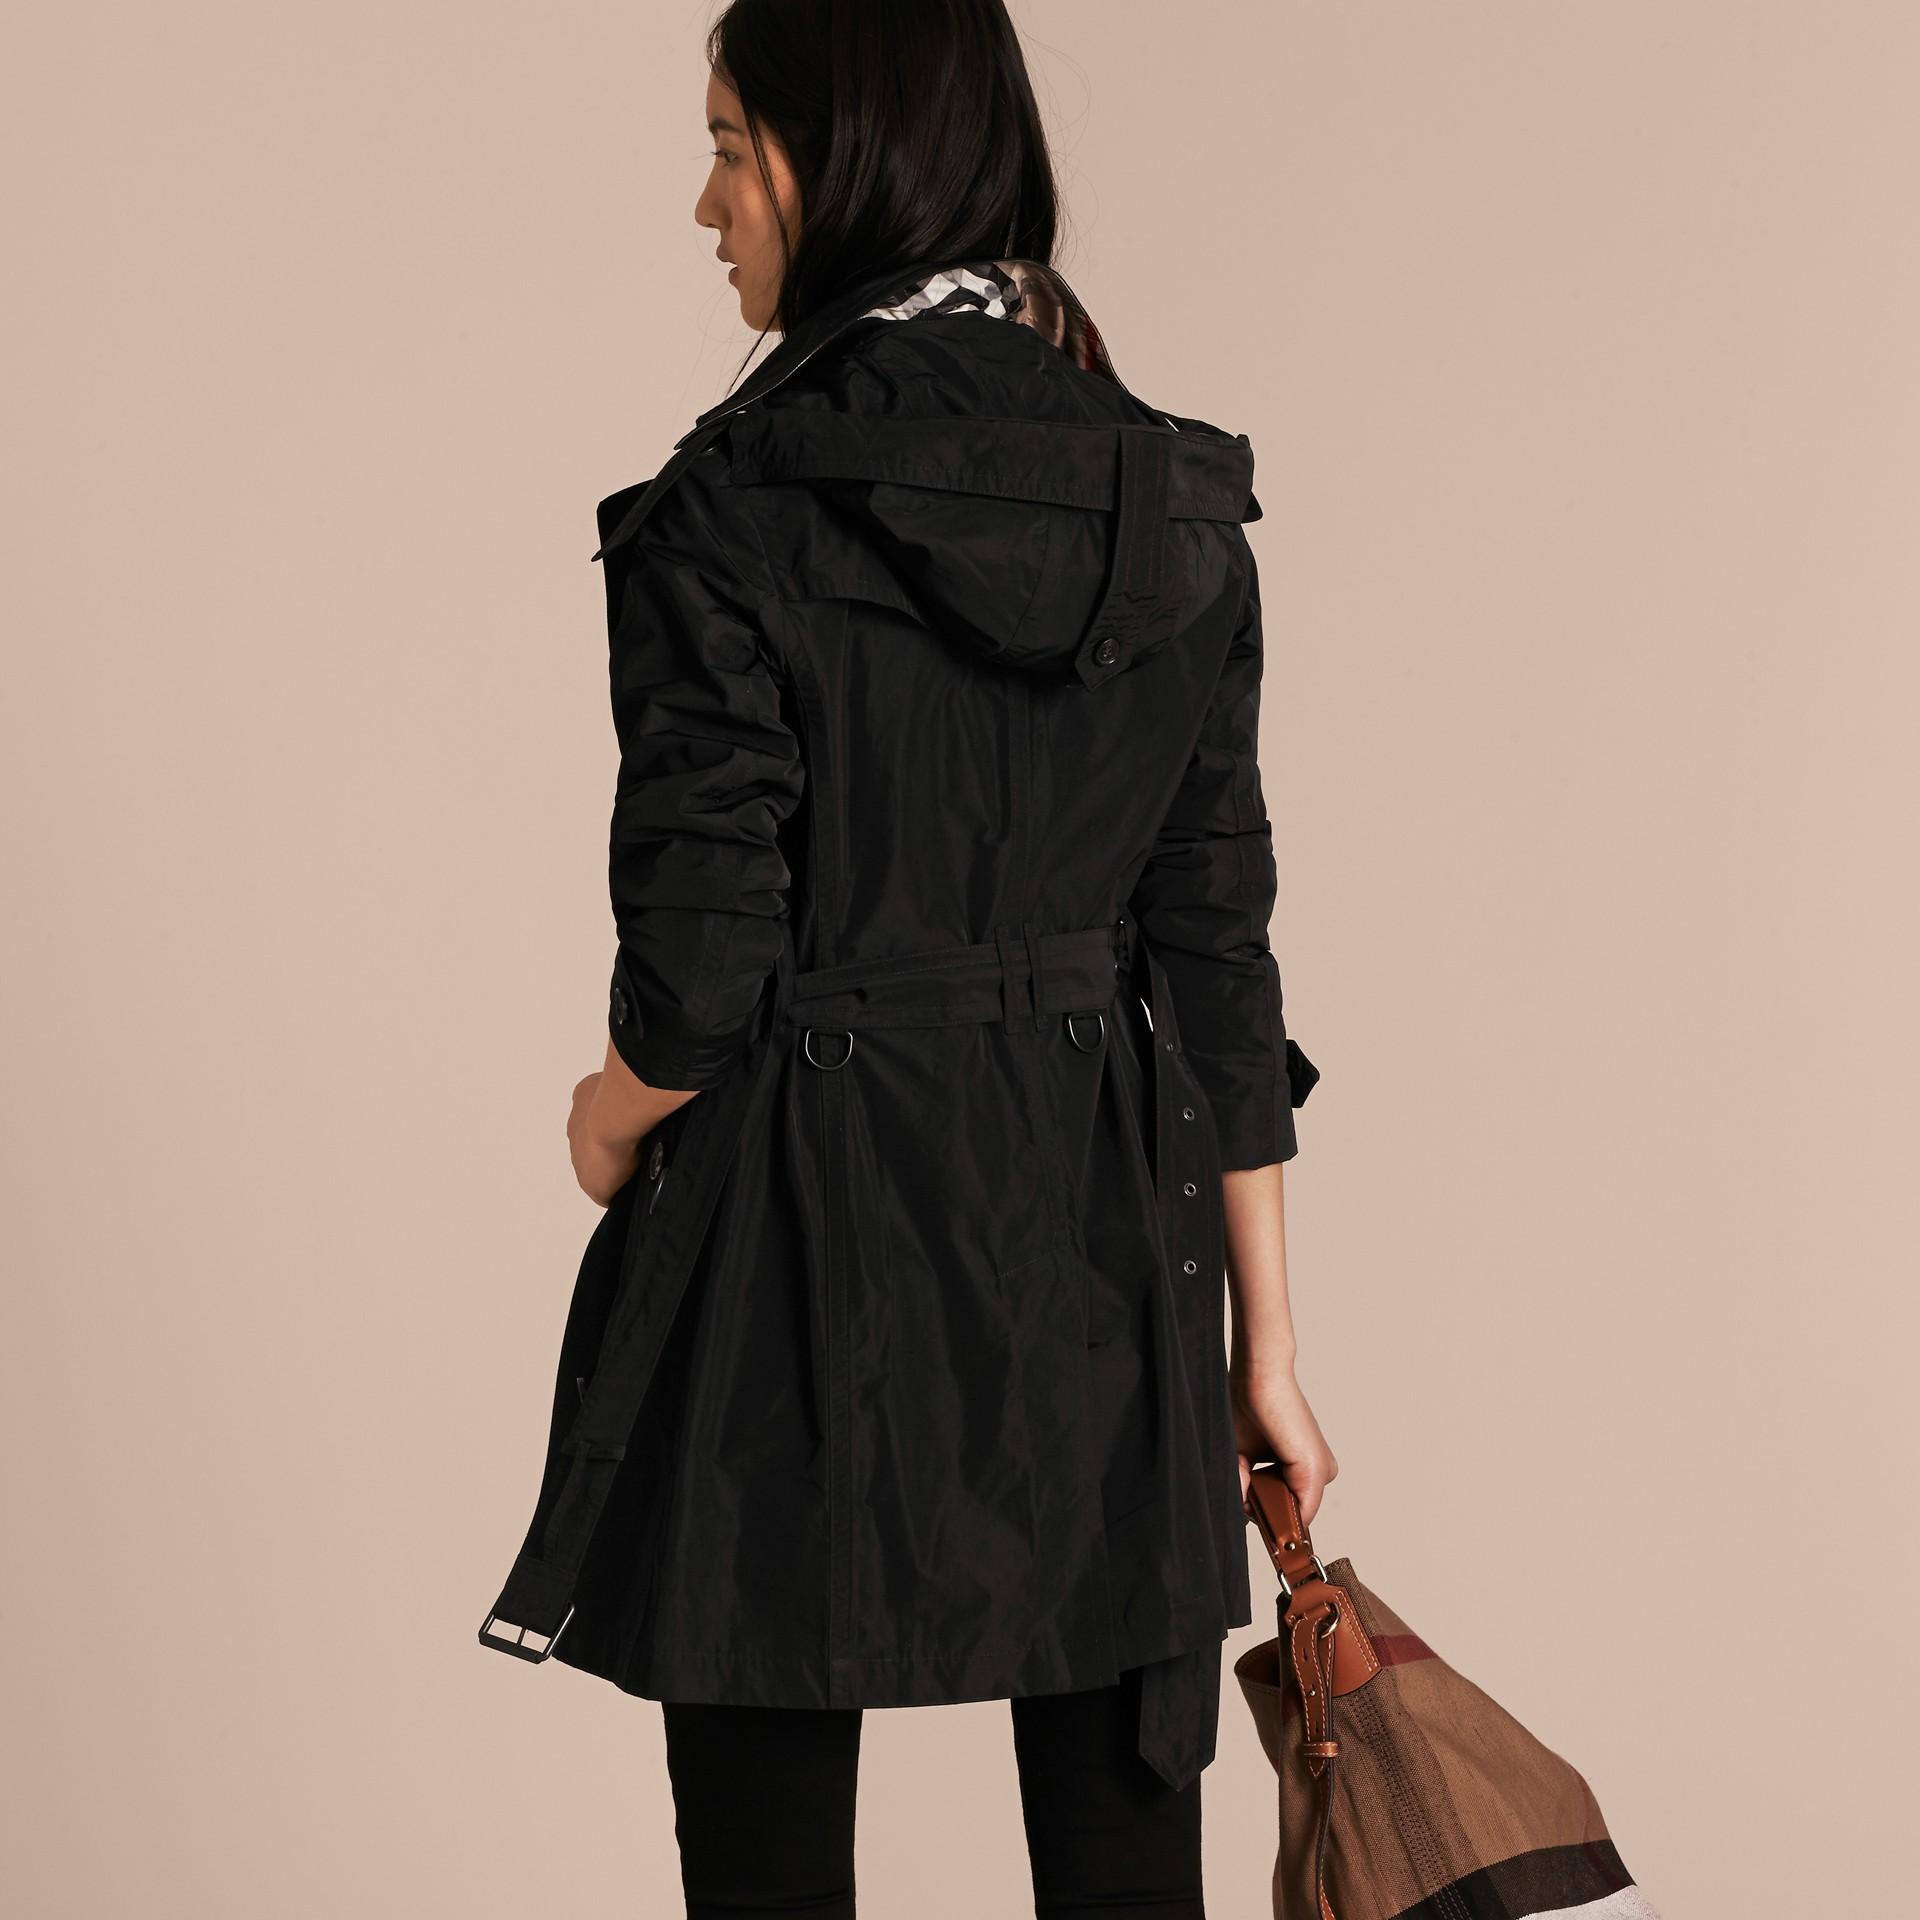 Noir Trench-coat en taffetas à capuche amovible Noir - photo de la galerie 3